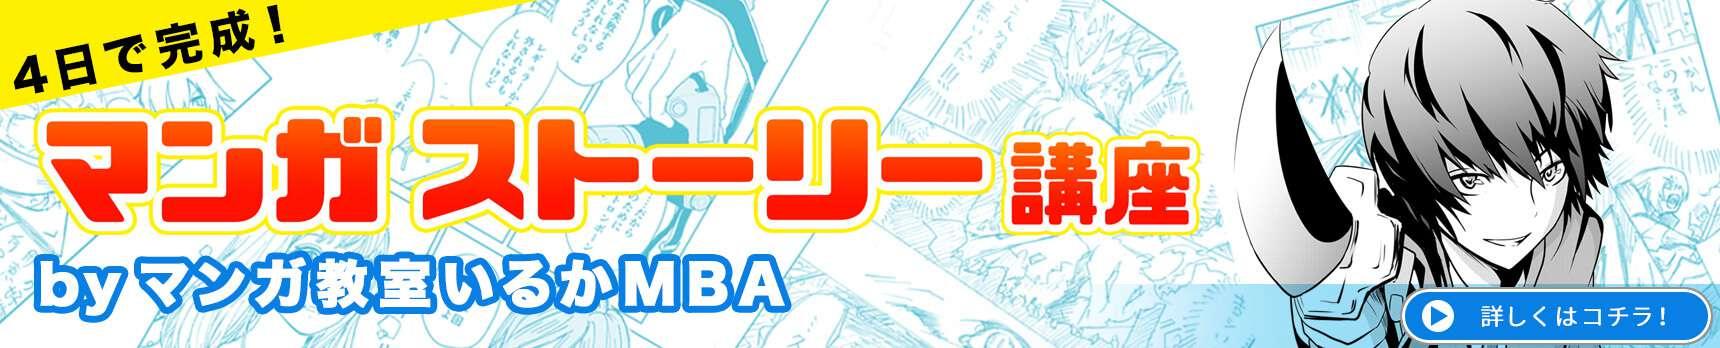 Iruka rec banner pc